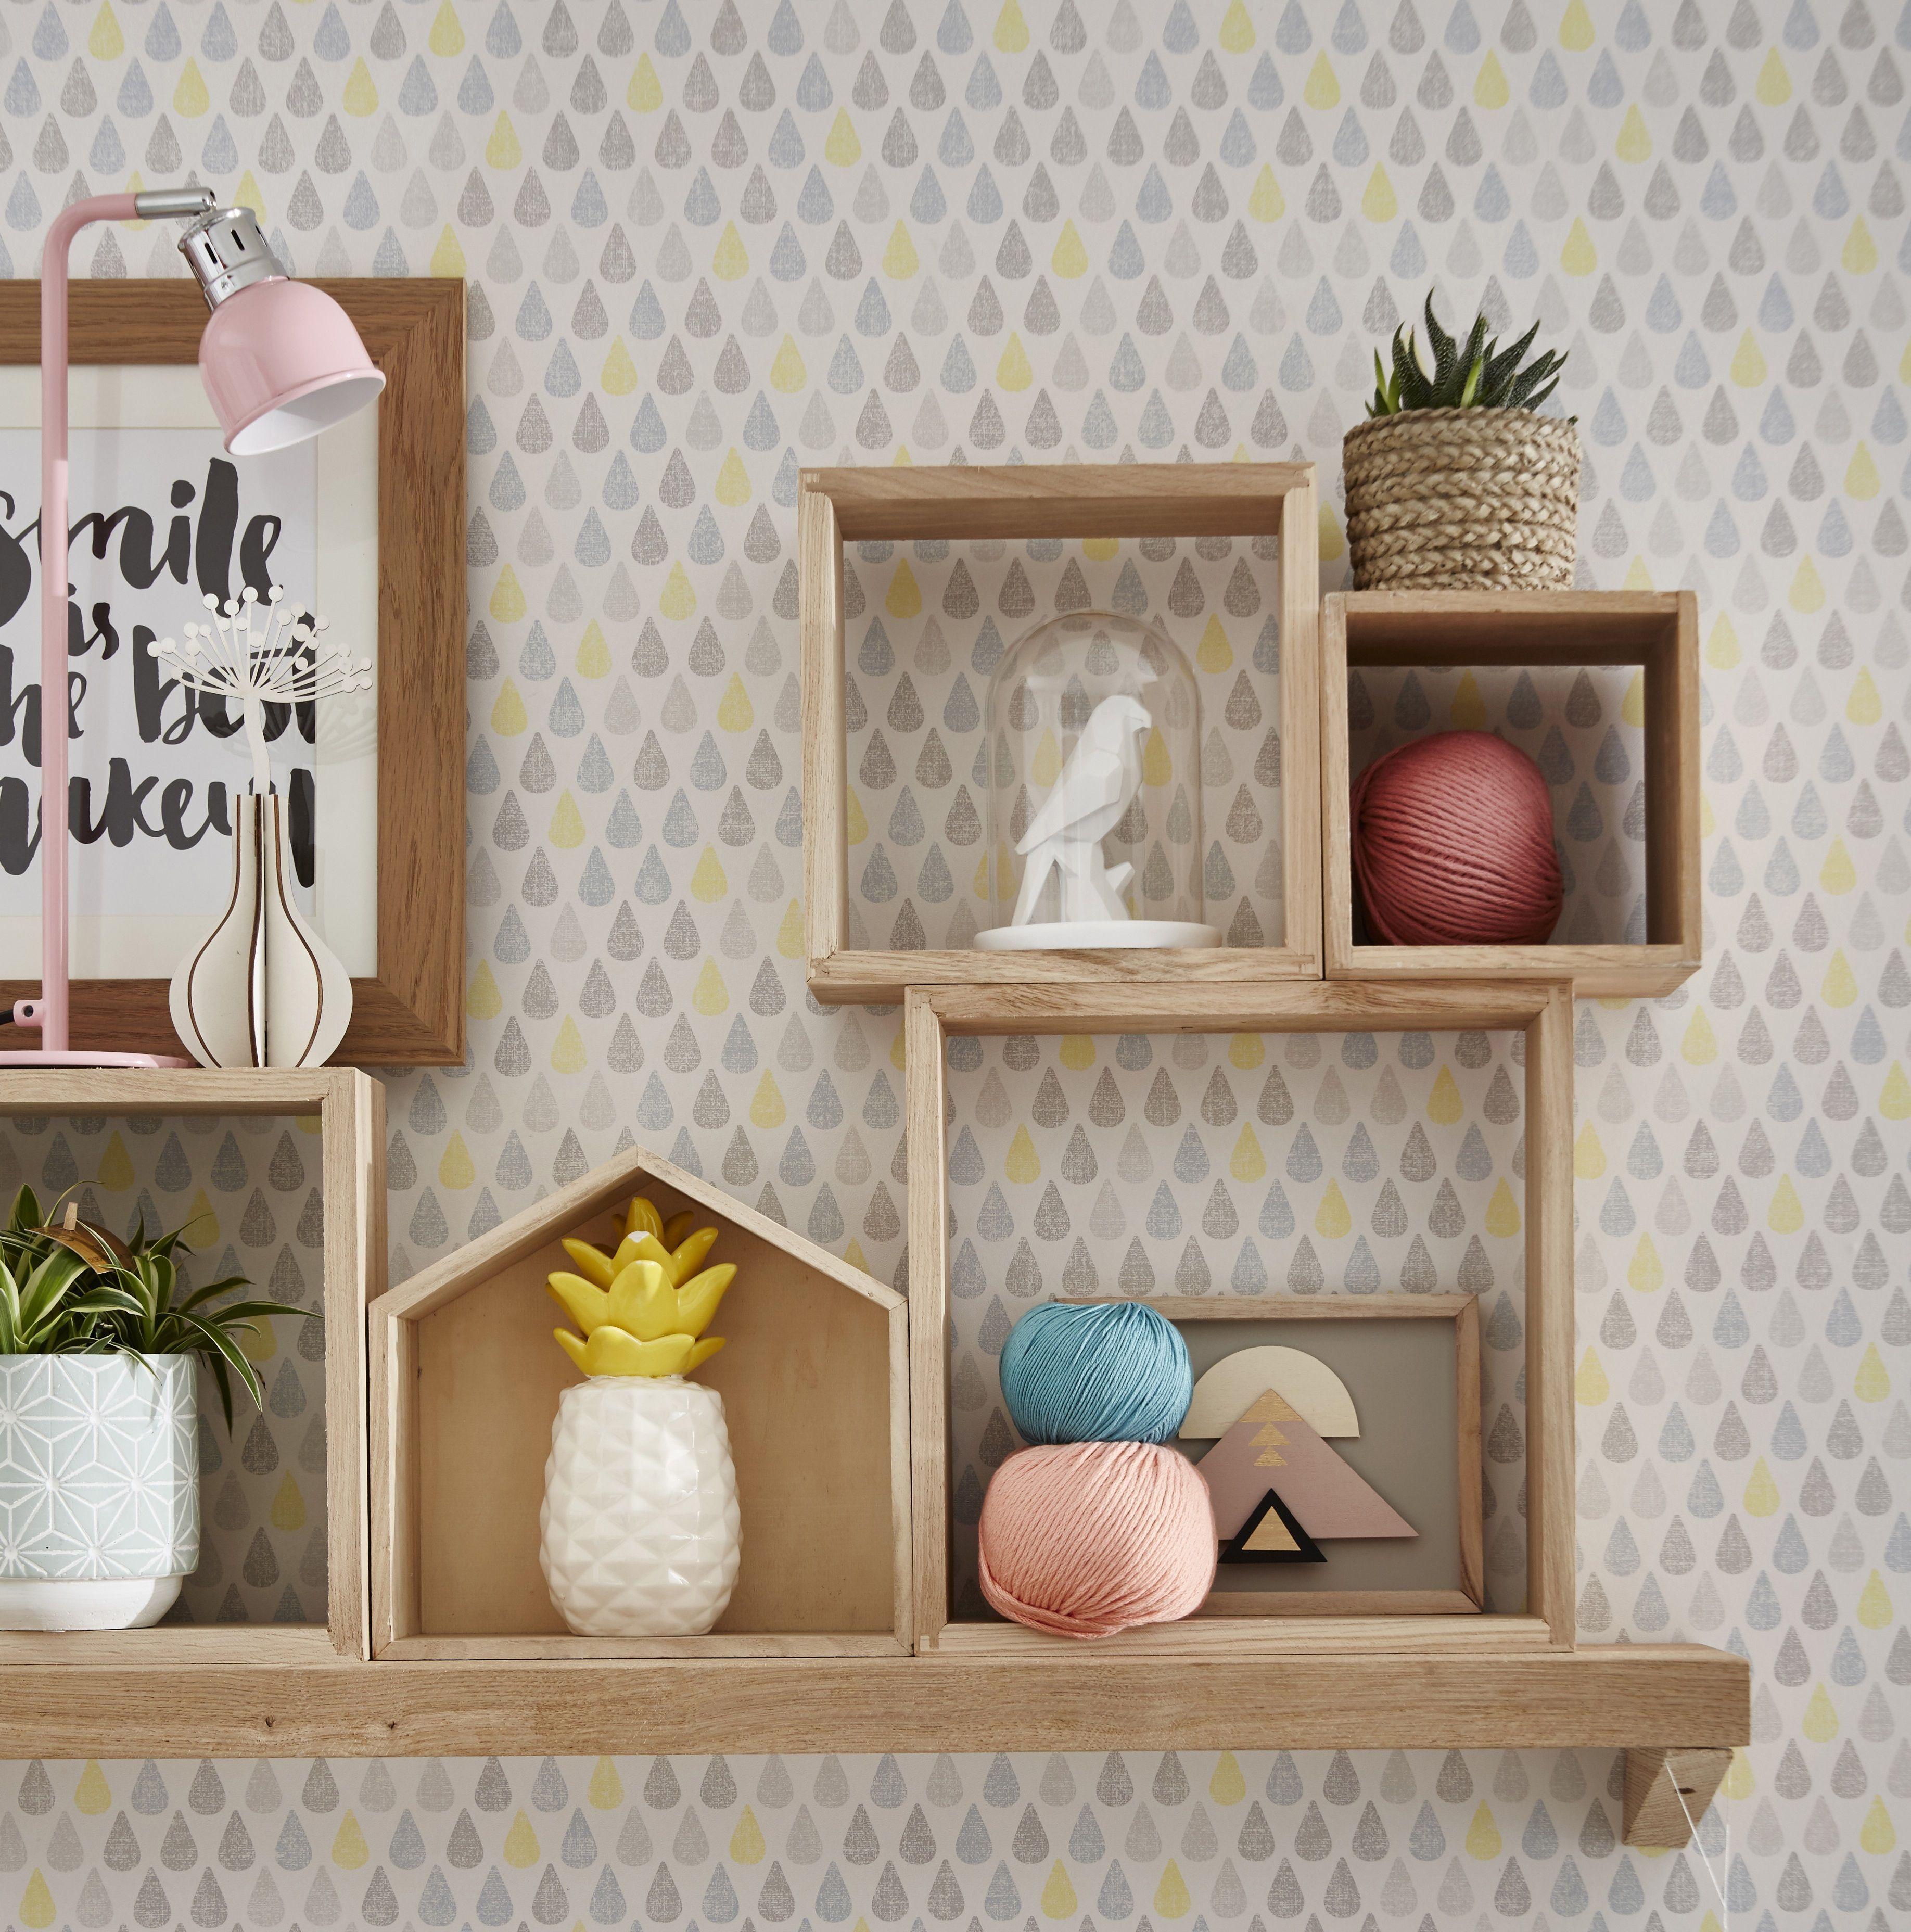 Dco Simple Et Efficace Avec Des Tagres Cubes En Bois